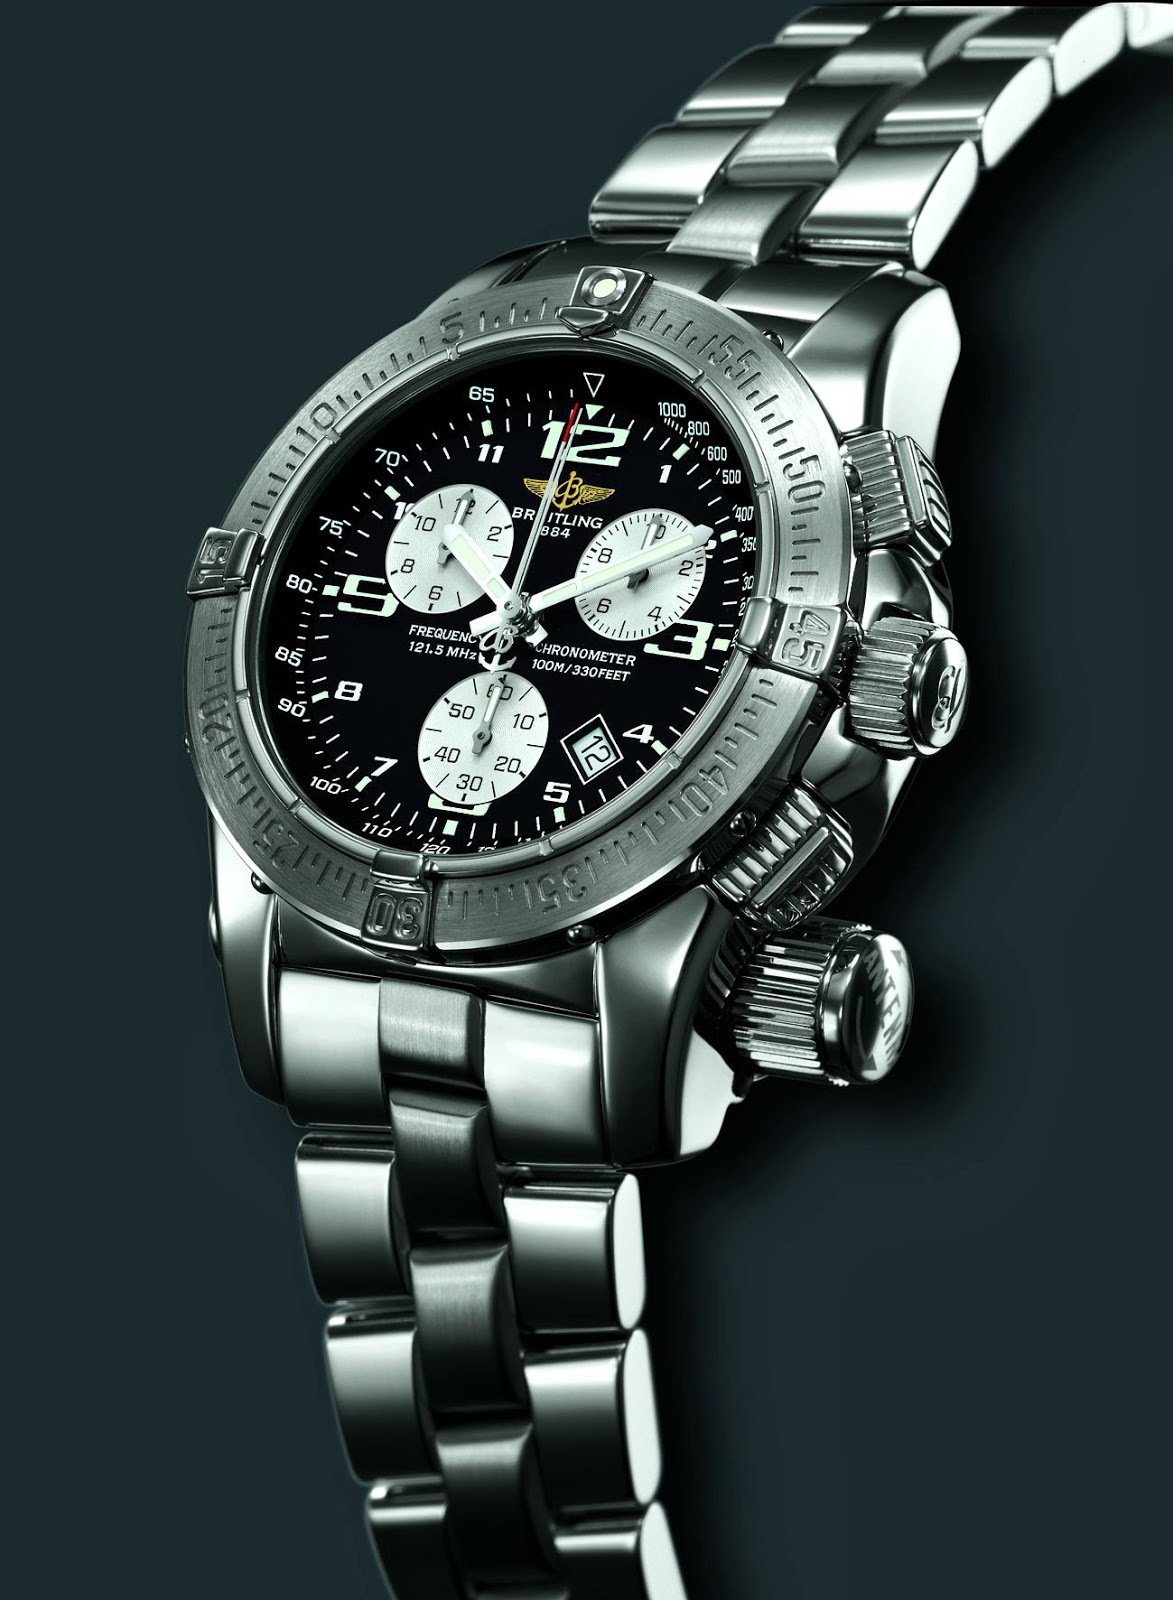 Breitling Emergency Mission watch